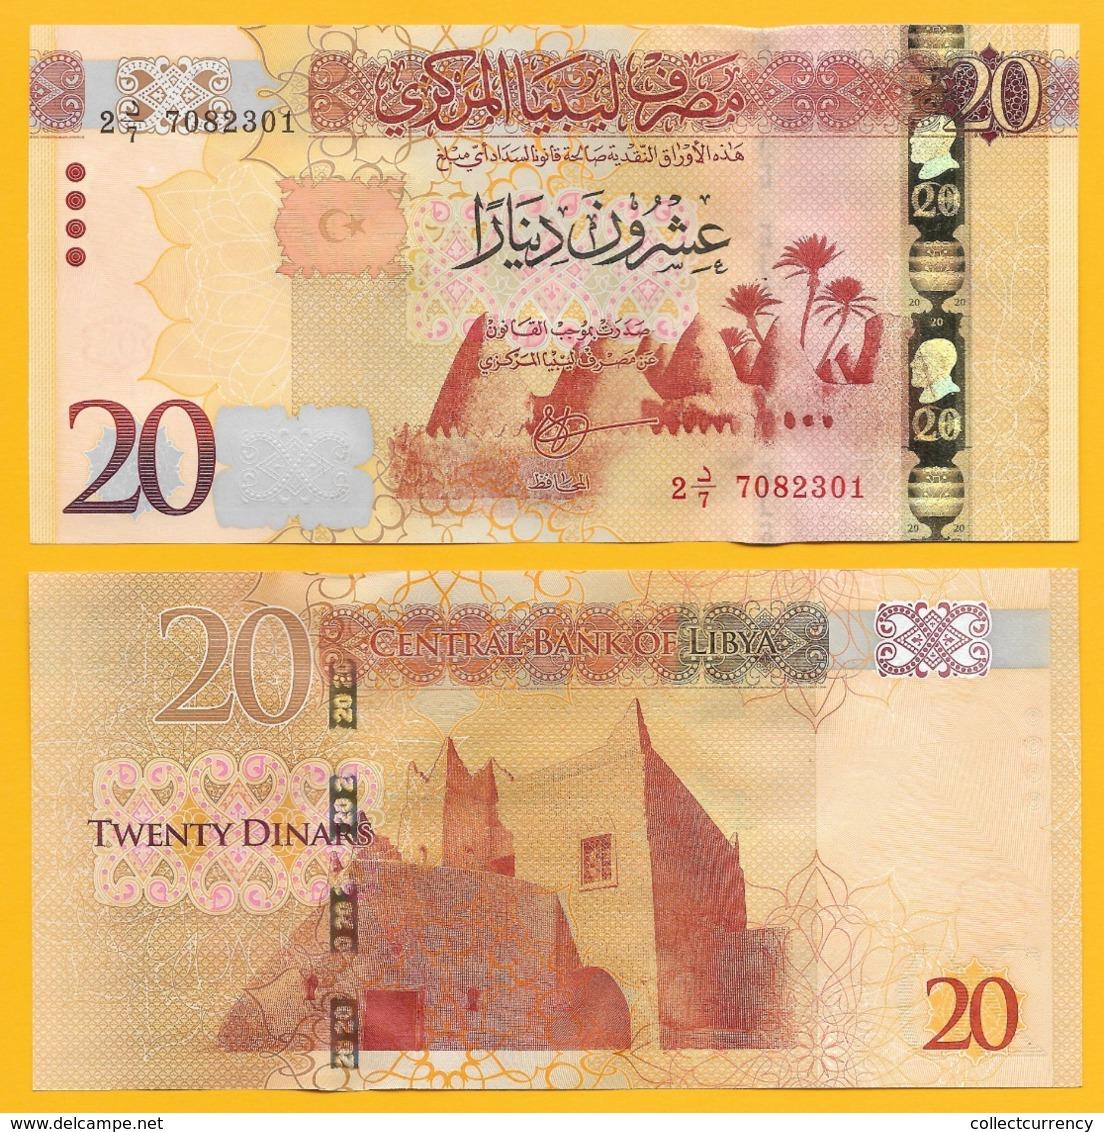 Libya 20 Dinars P-83 2016 UNC Banknotes - Libya